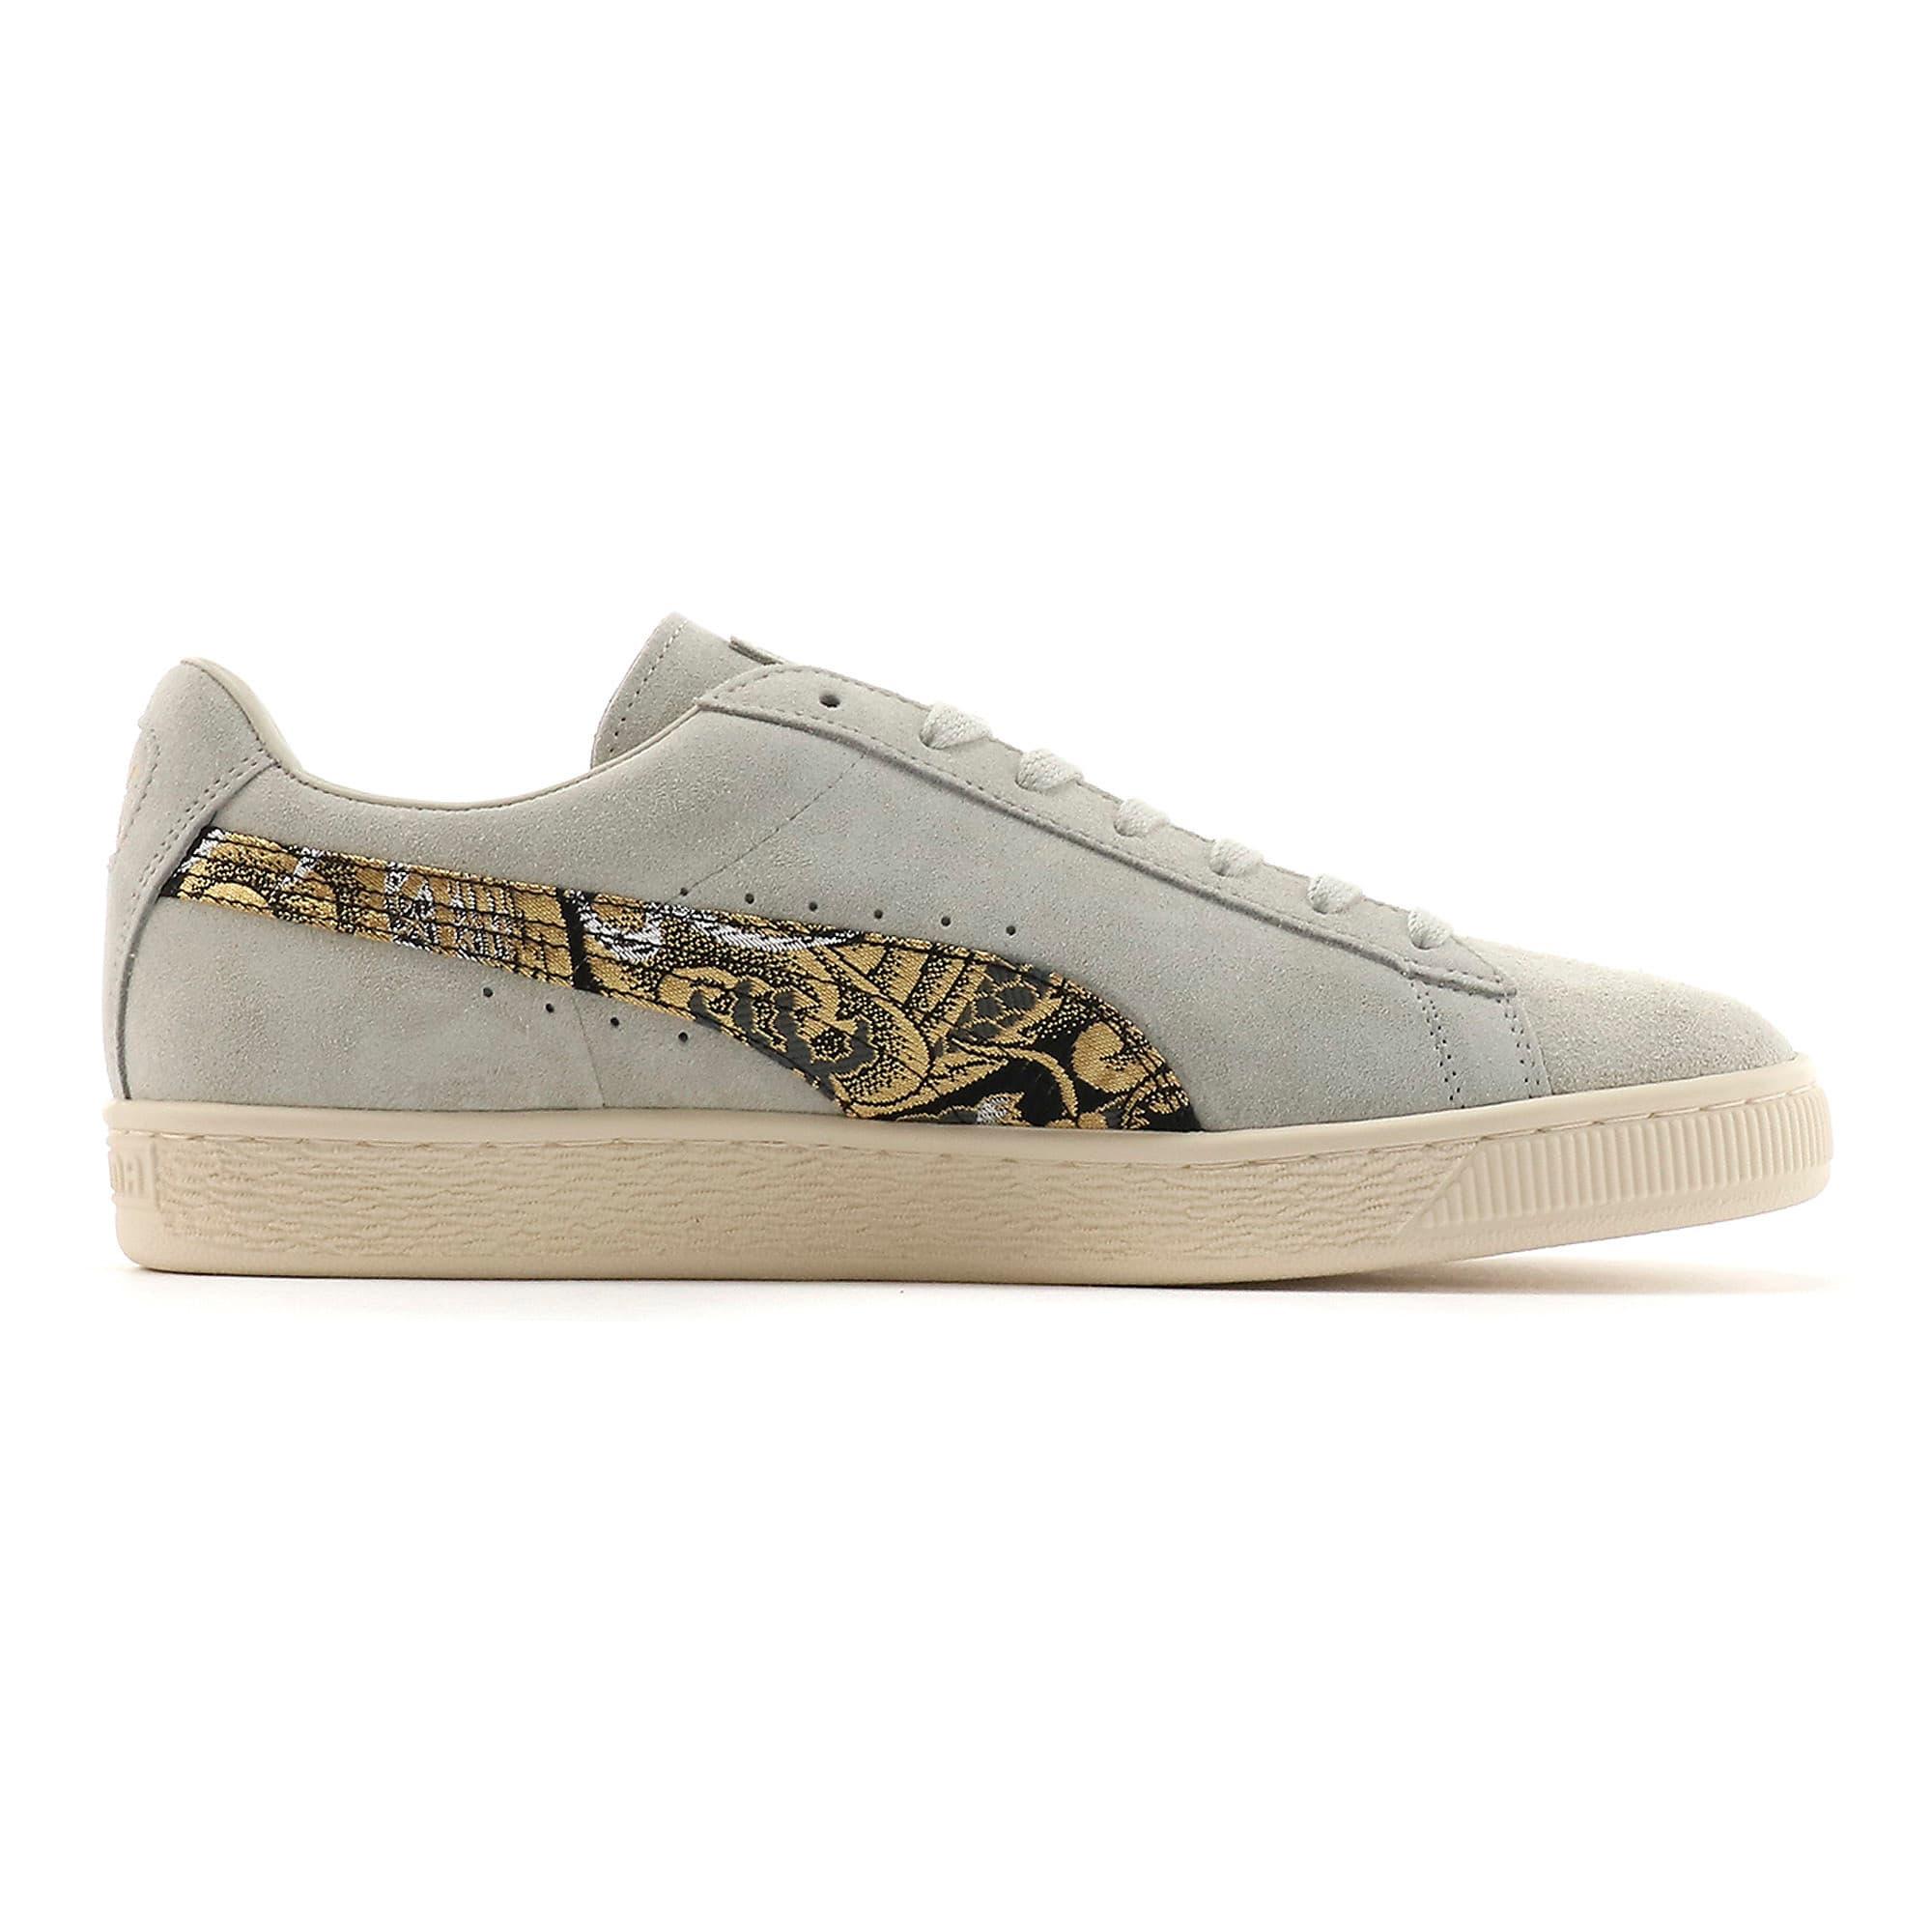 Thumbnail 5 of Suede MIJ Sneakers, Glacier Gray-Puma Black, medium